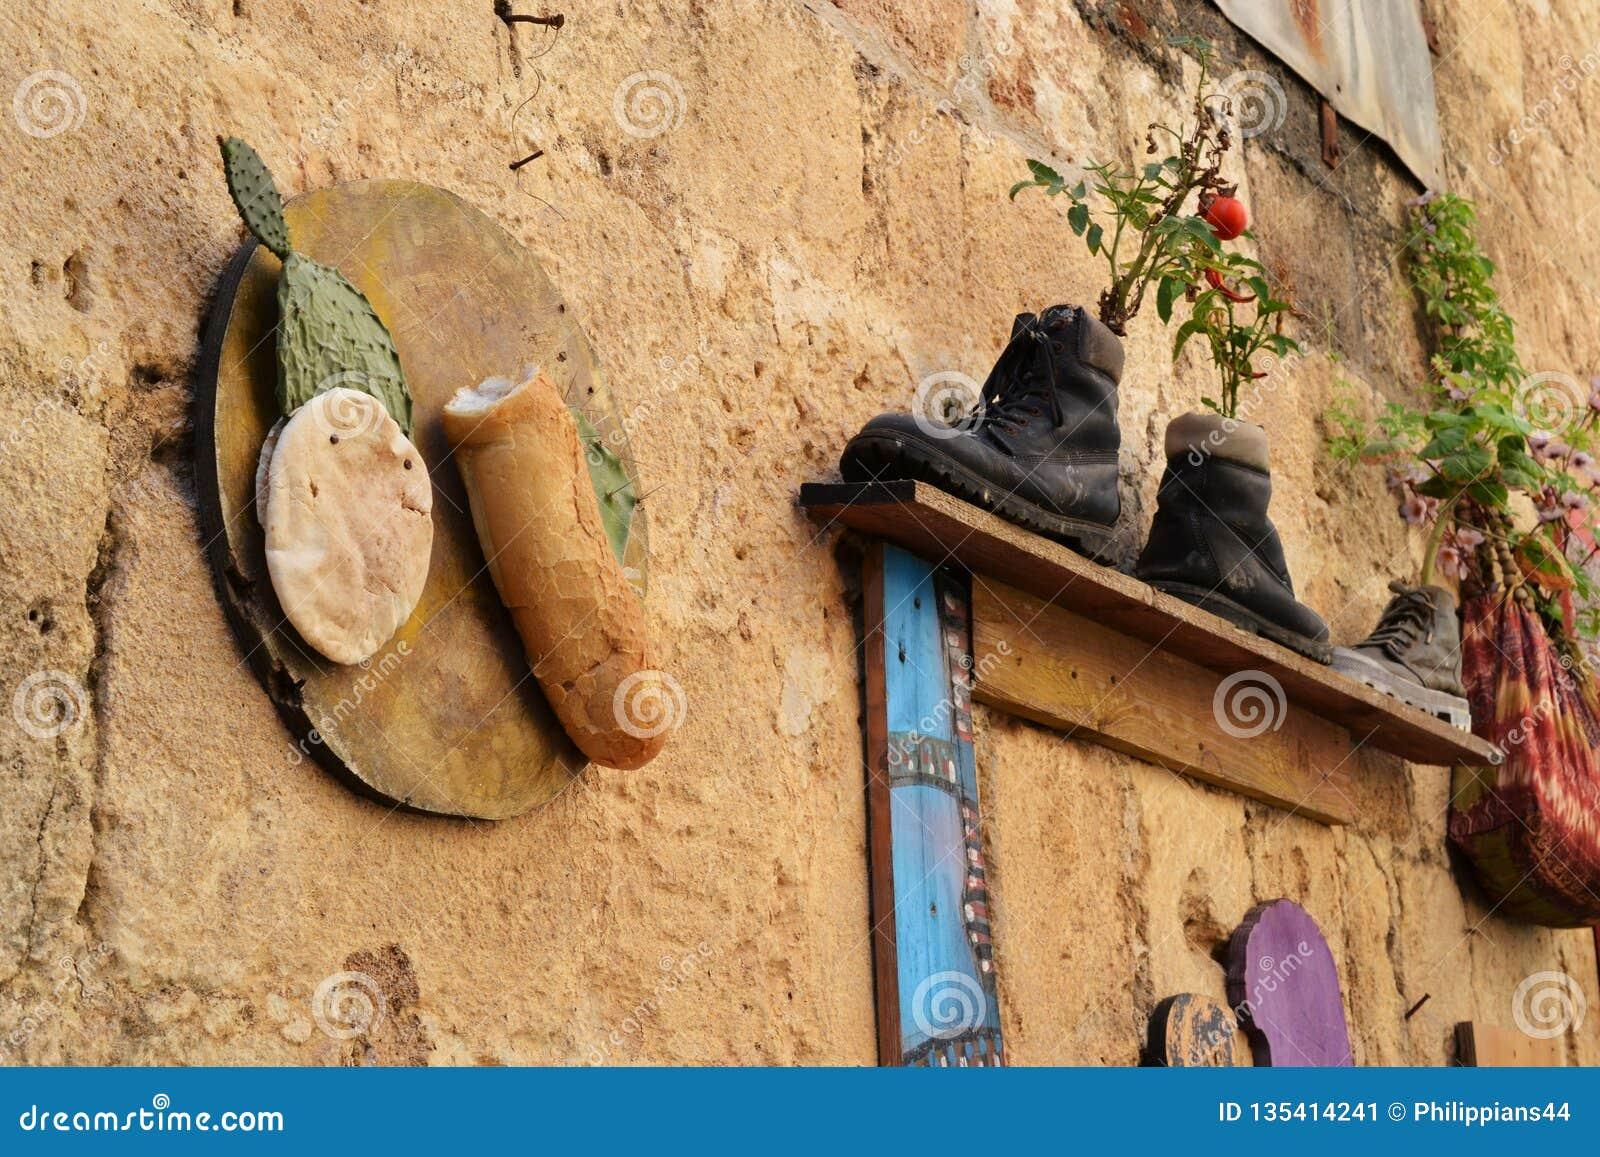 Curiosidades no acre, no Akko, nas botas e nas sapatas, bolsas, como os potenciômetros de flor, projeto exterior e decoração, em